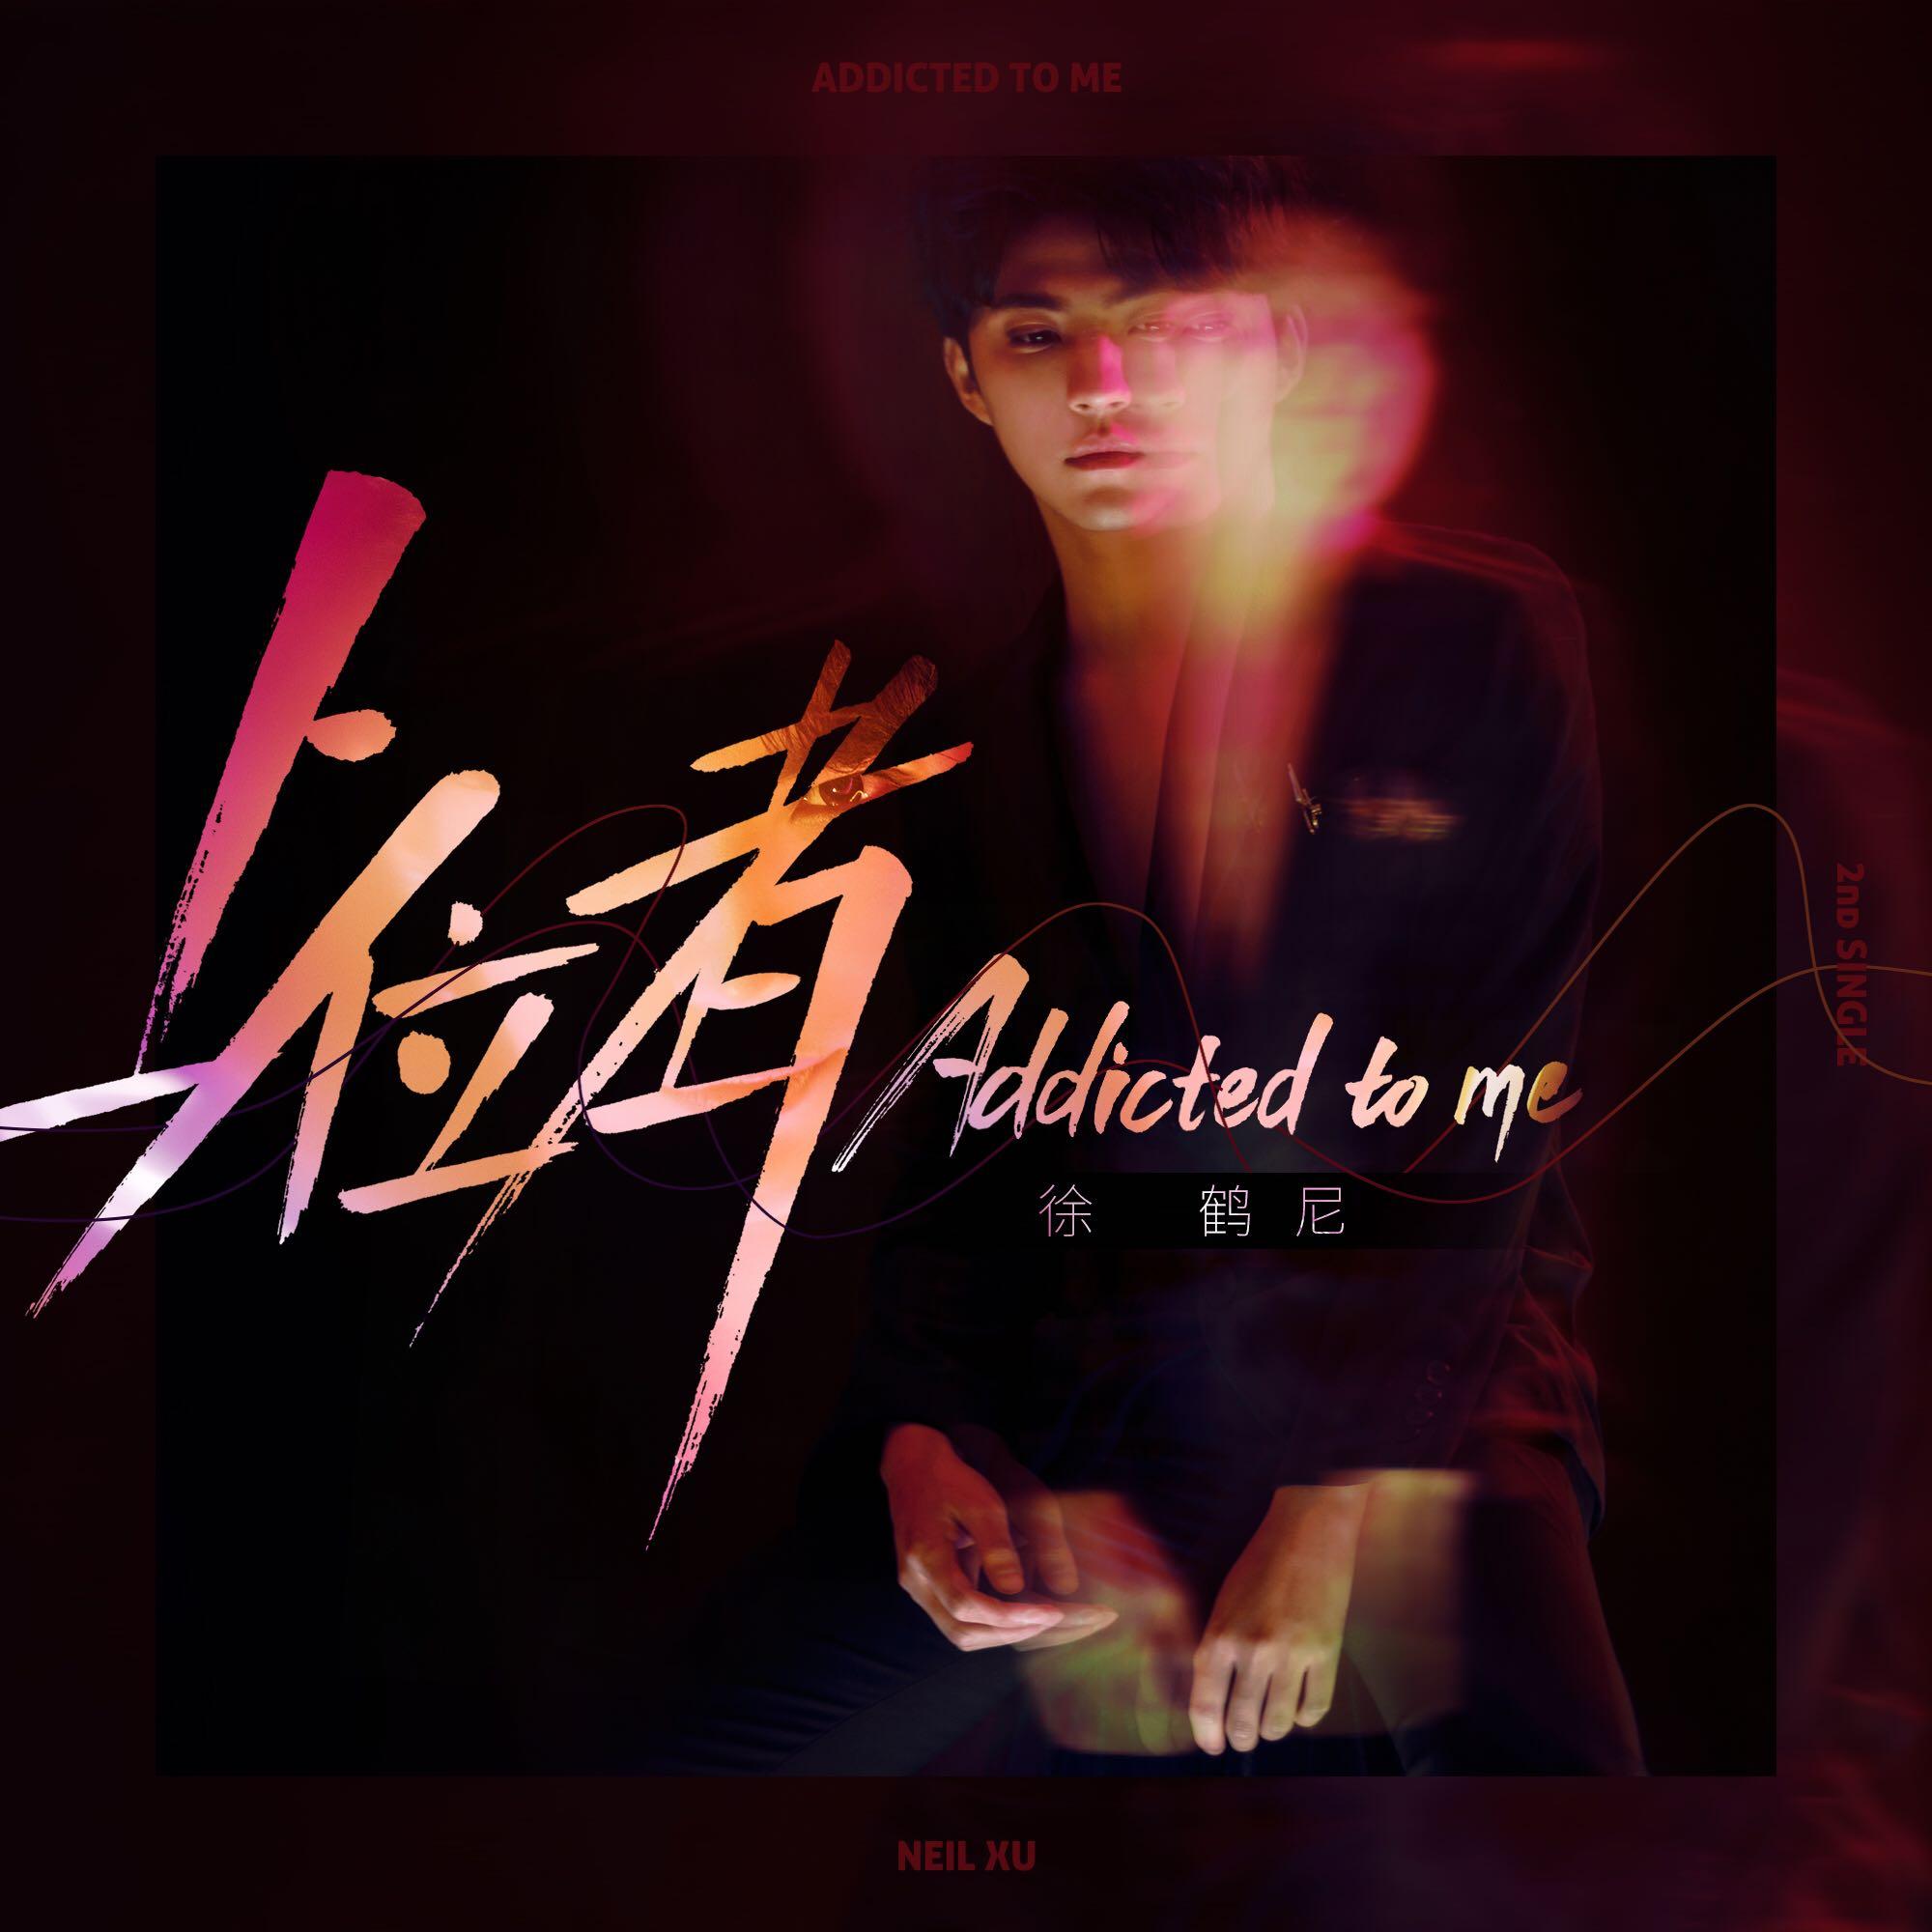 徐鹤尼二十岁生日发新单曲《上位者》霸道来袭